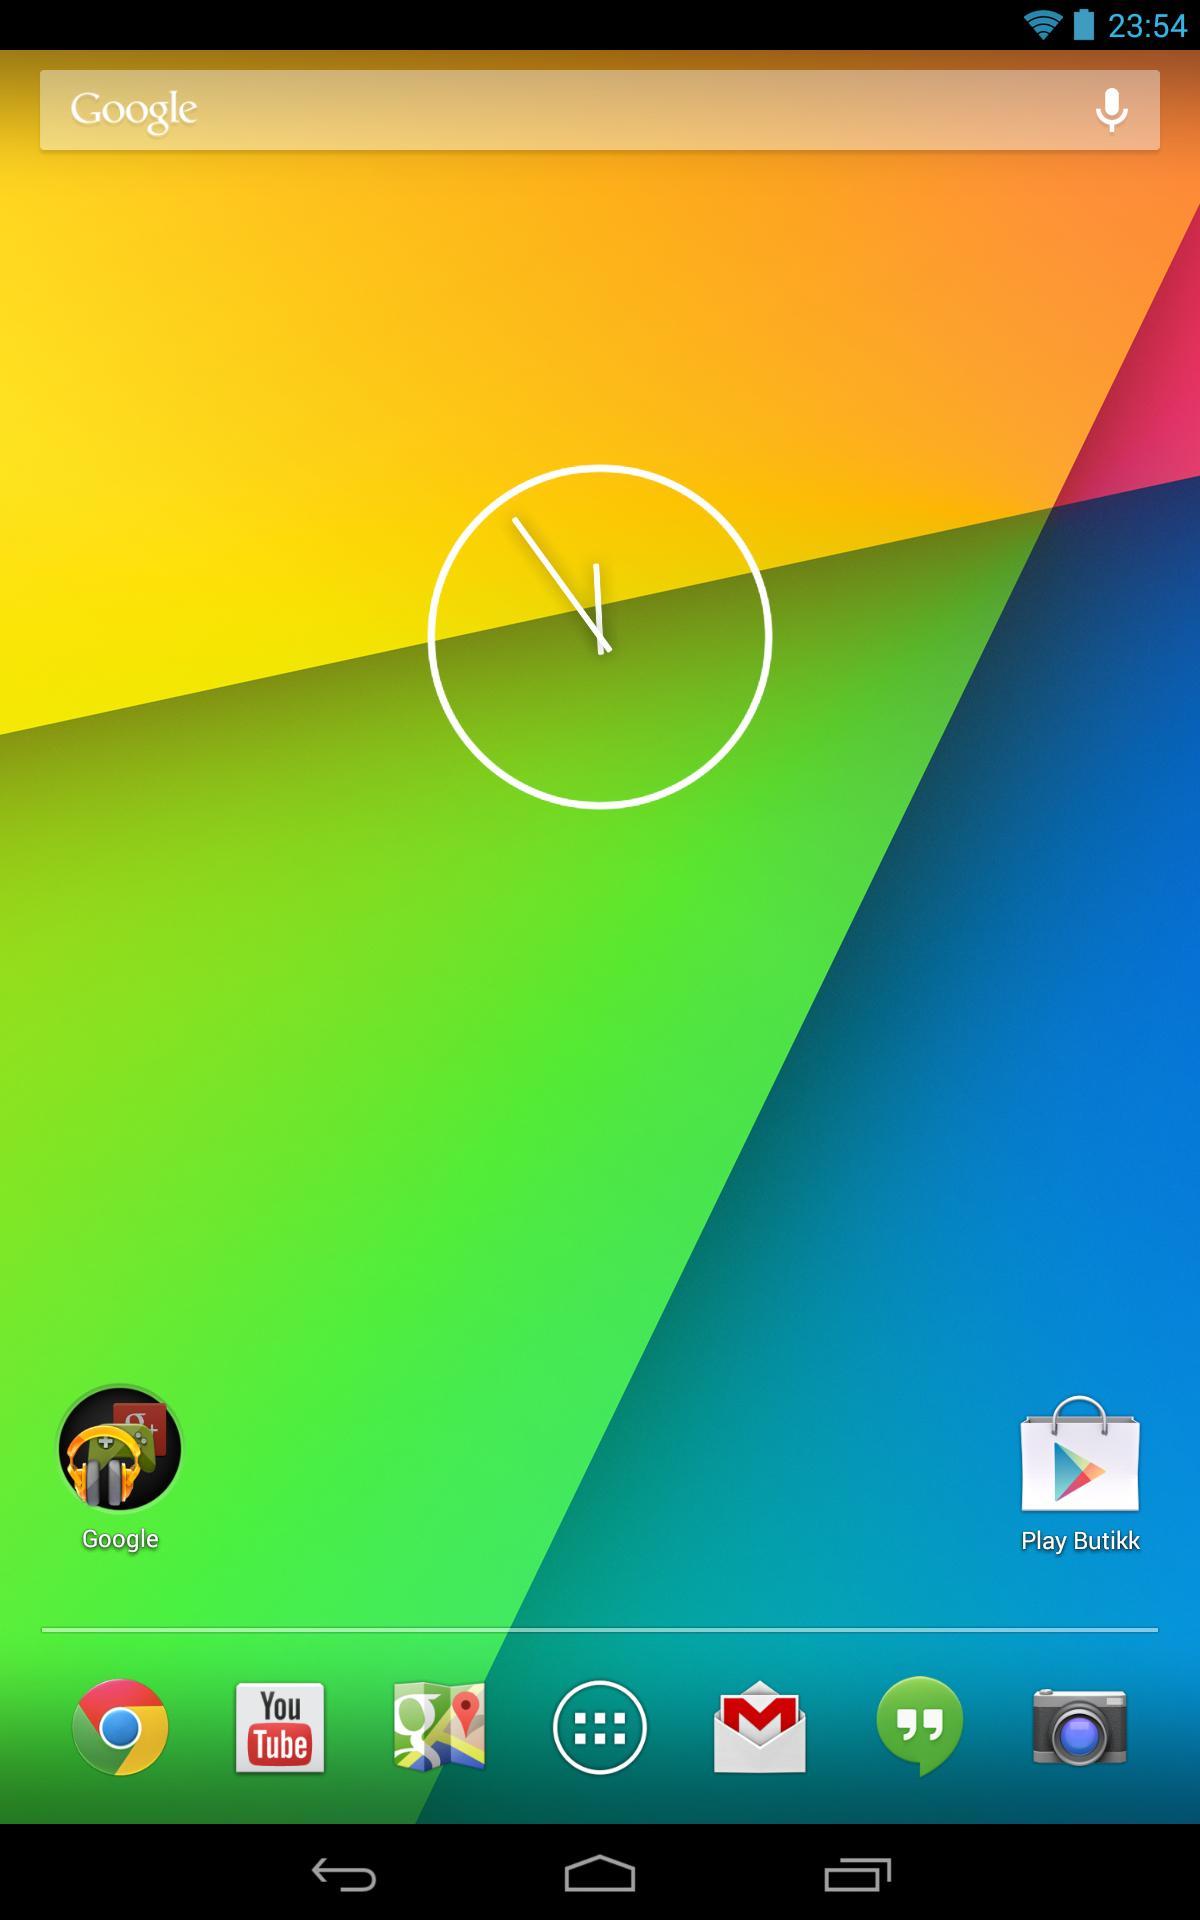 Slik ser en fersk hjemmeskjerm på Nexus 7 med Android 4.3 ut.Foto: Finn Jarle Kvalheim, Amobil.no